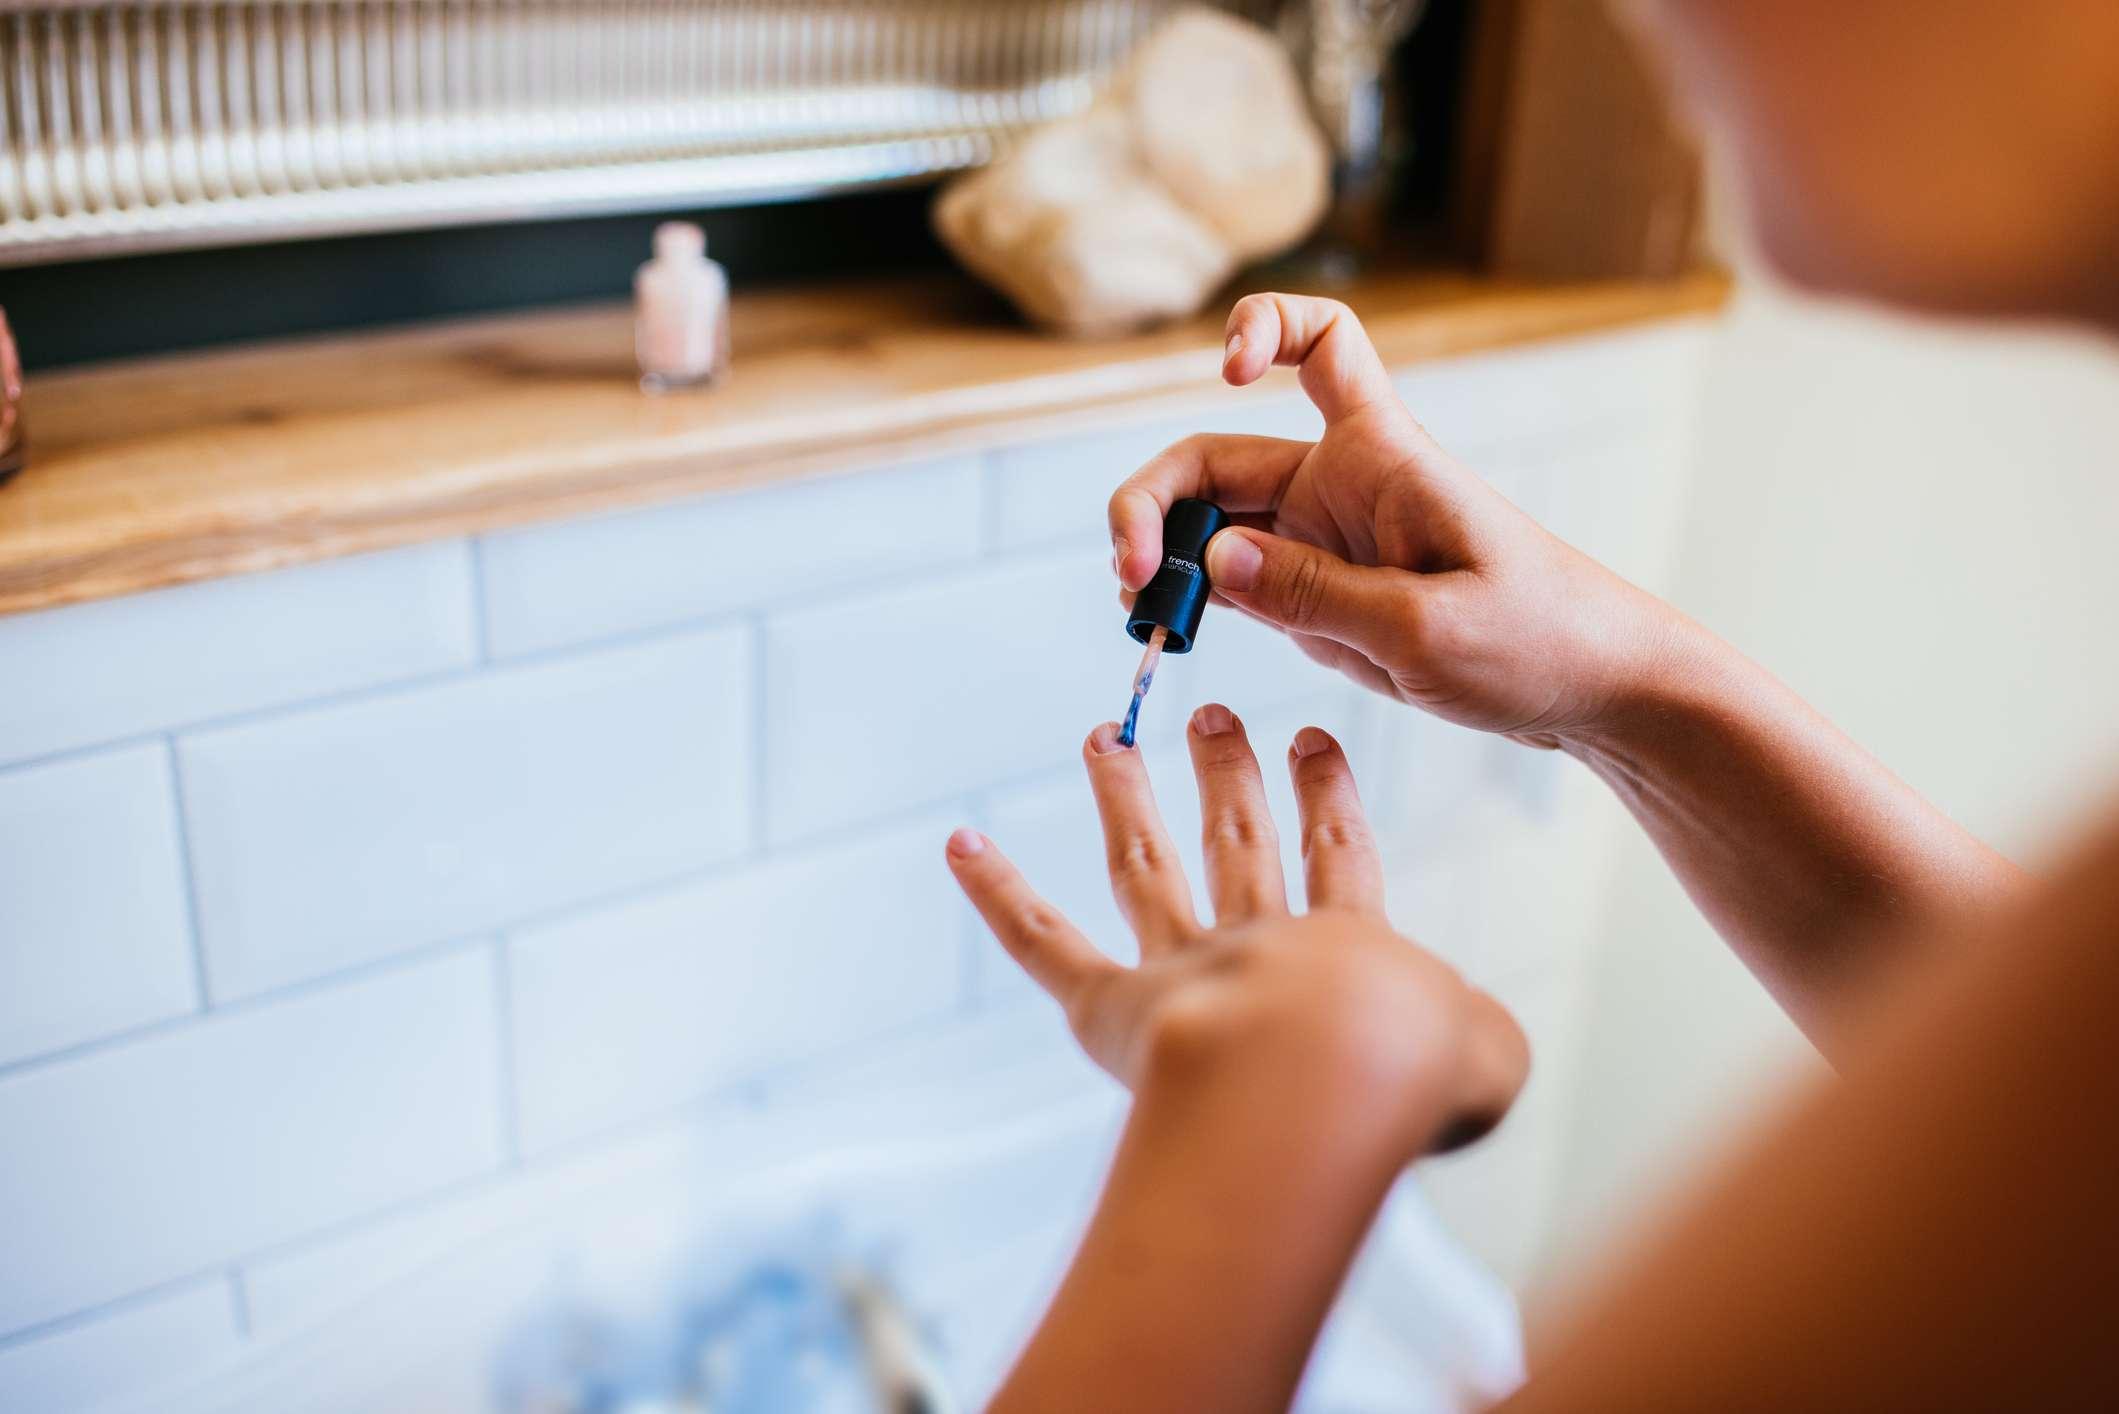 A woman applies nail polish in her bathroom.